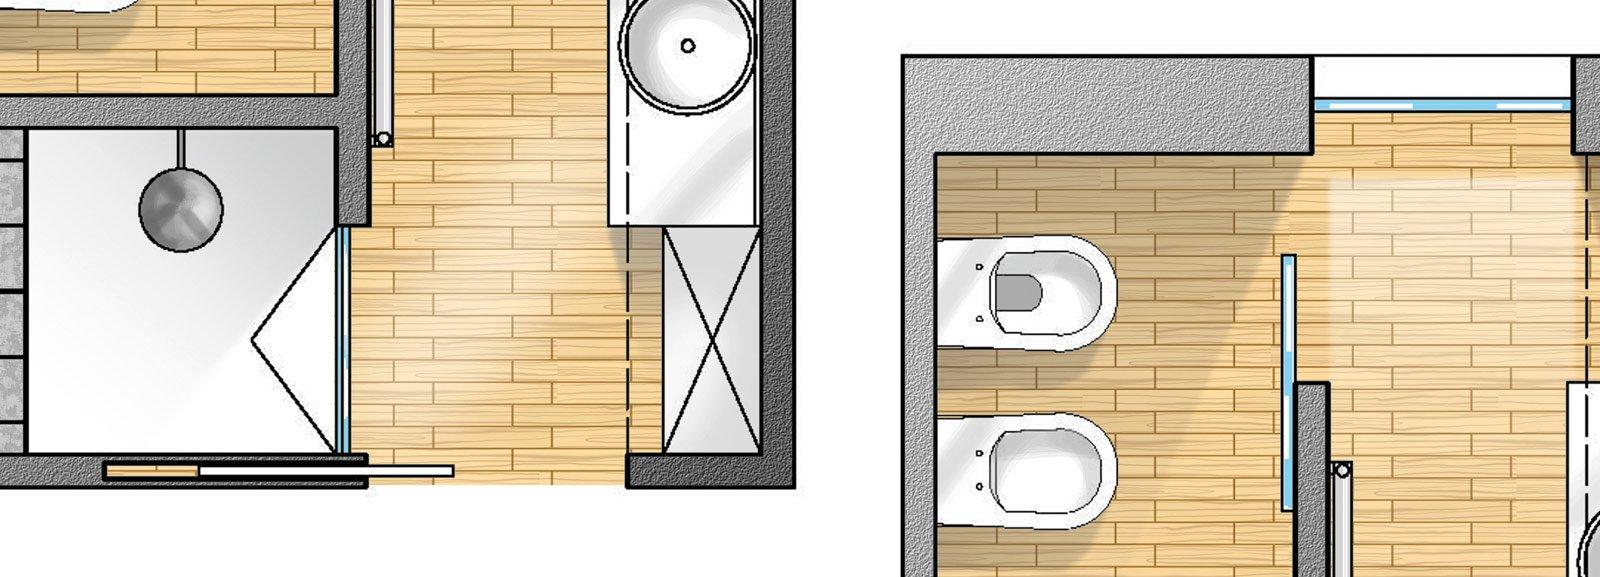 Bagno con pianta del progetto e costi dei lavori seconda for Piccoli progetti di casa gratuiti